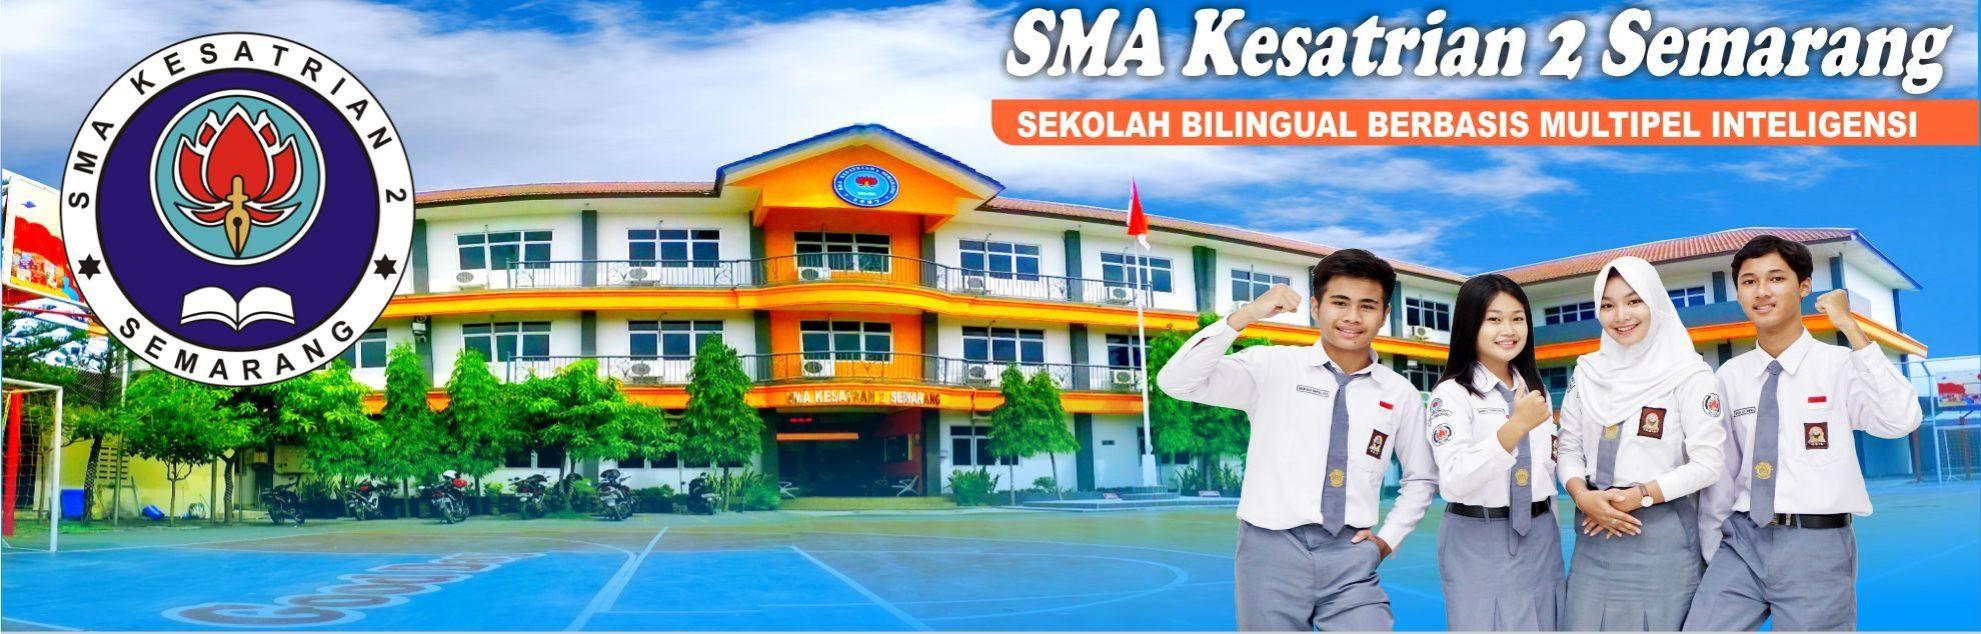 SMA Kesatrian 2 Semarang